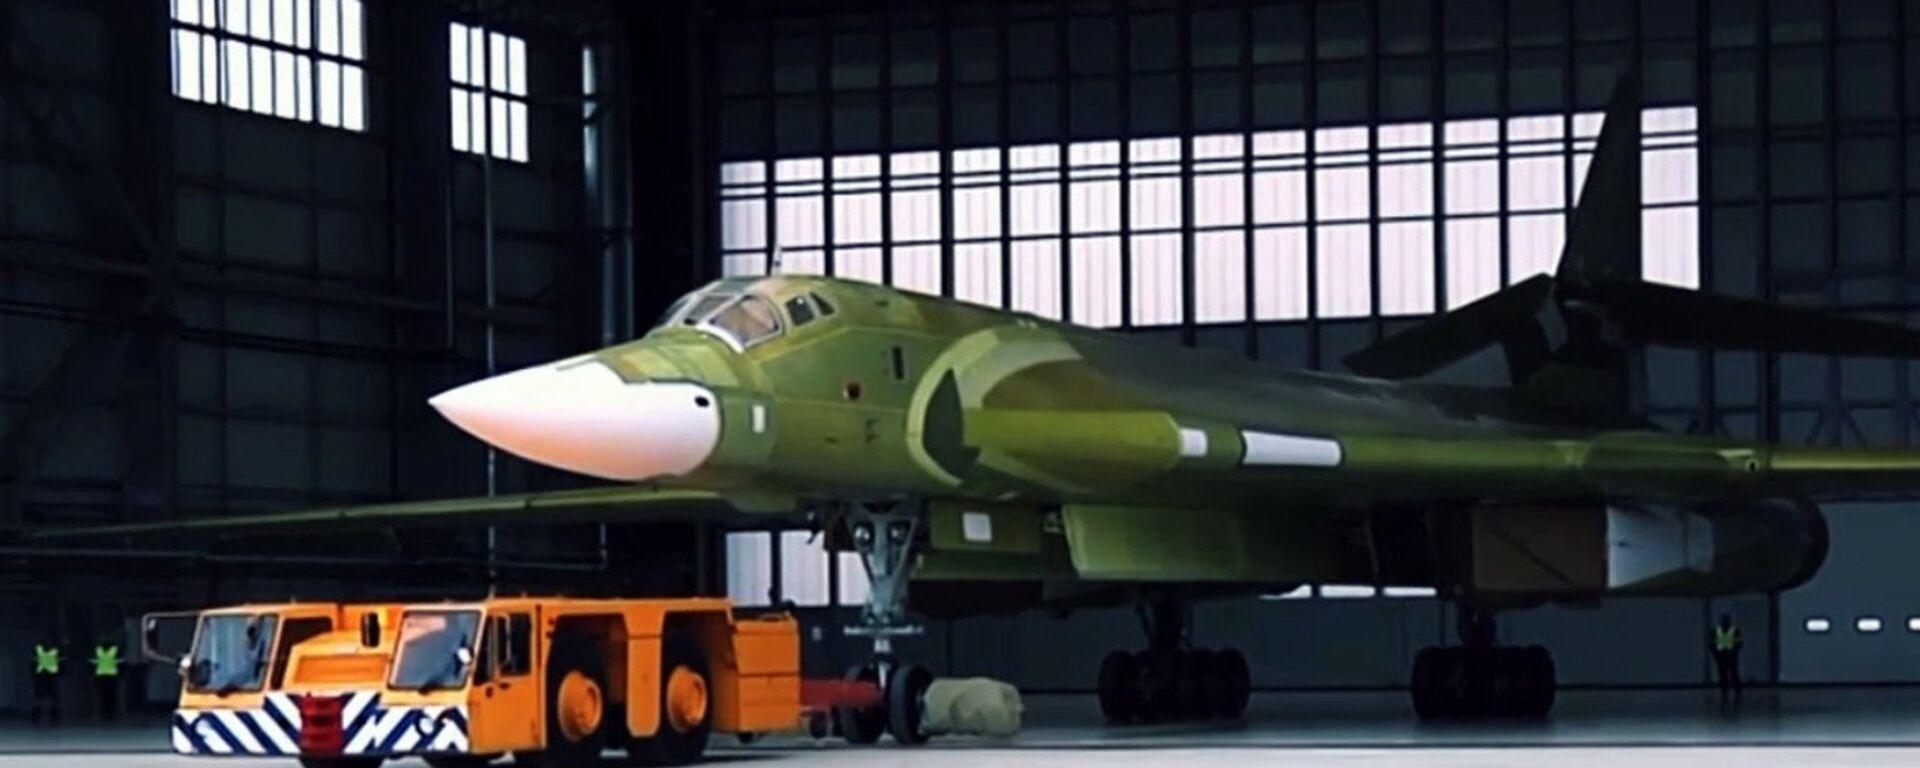 Стратегический ракетоносец Ту-160М2 впервые выкатили из цеха Казанского авиазавода - Sputnik Таджикистан, 1920, 18.11.2017